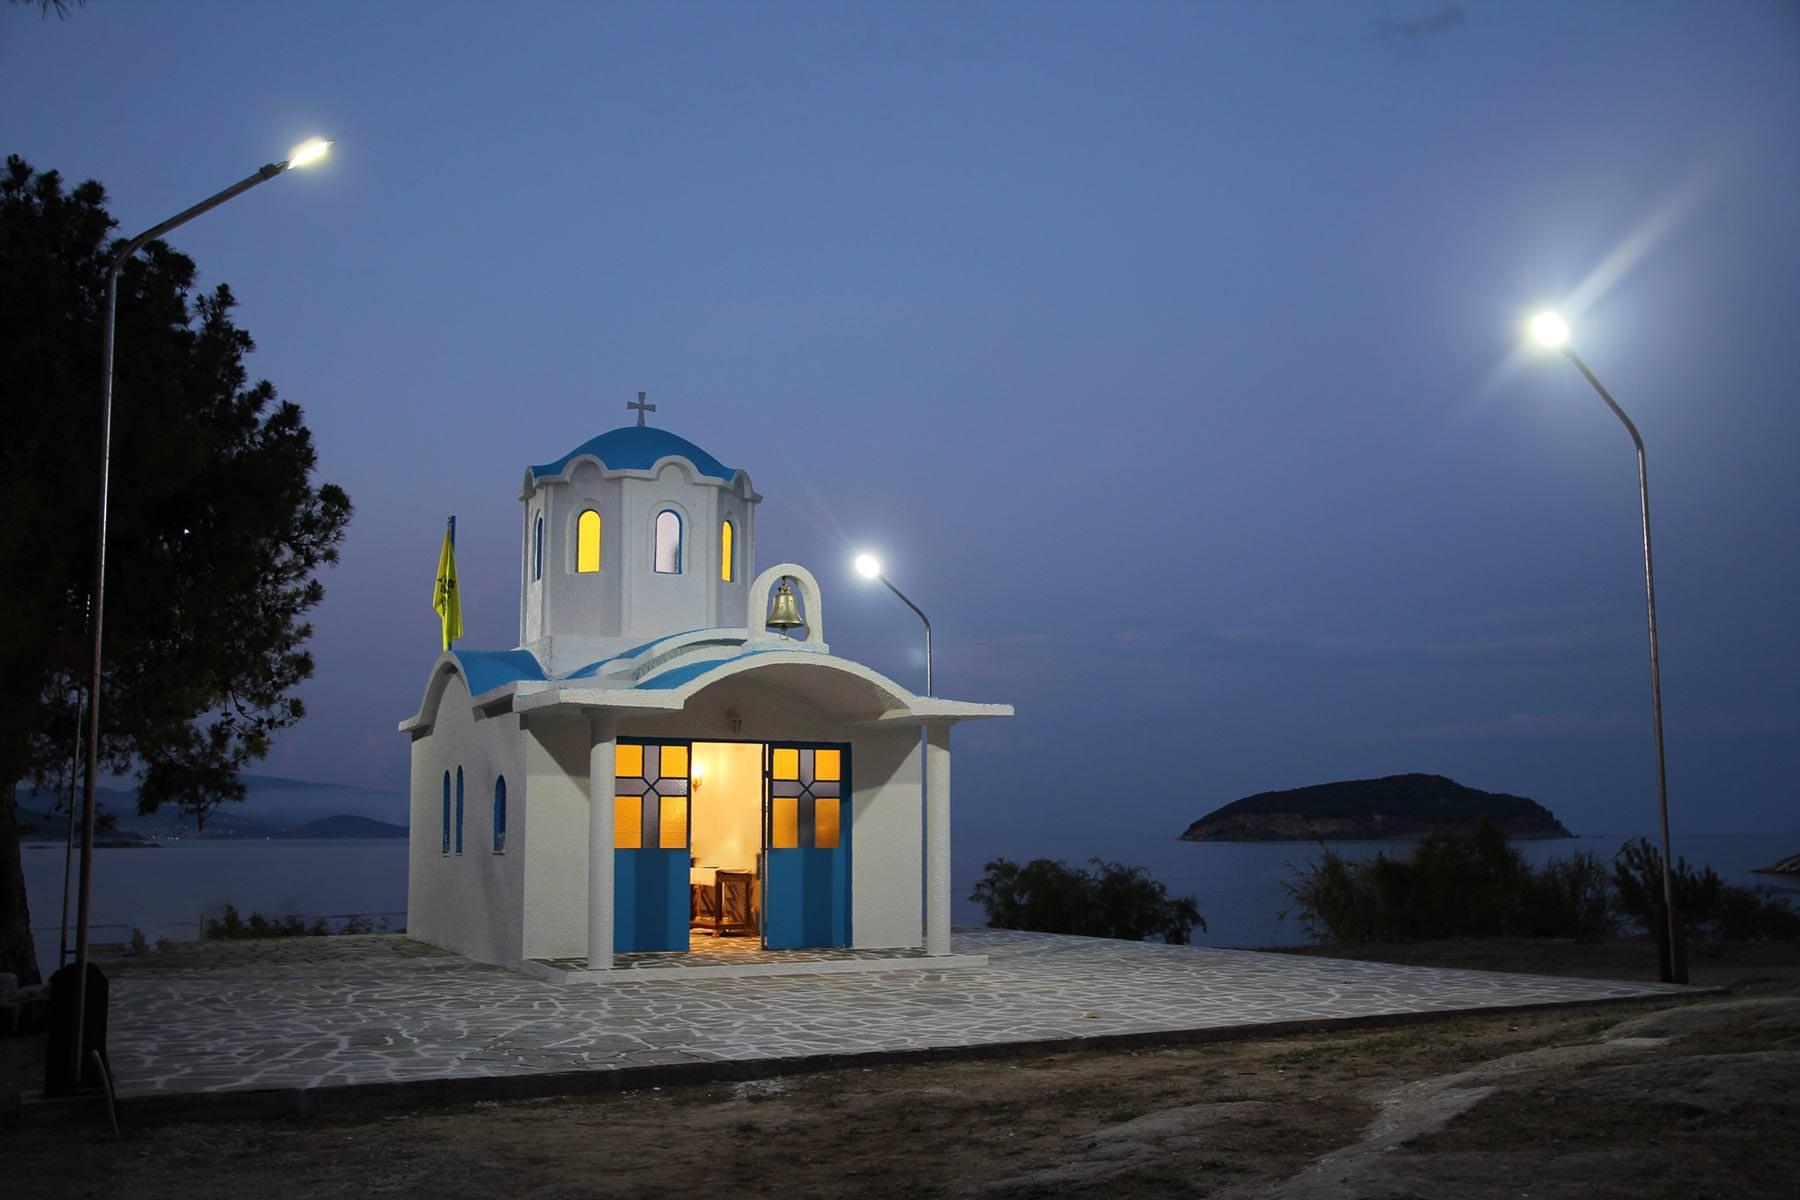 Νέα Ηρακλείτσα εκκλησία Αγίας Μαρίνας